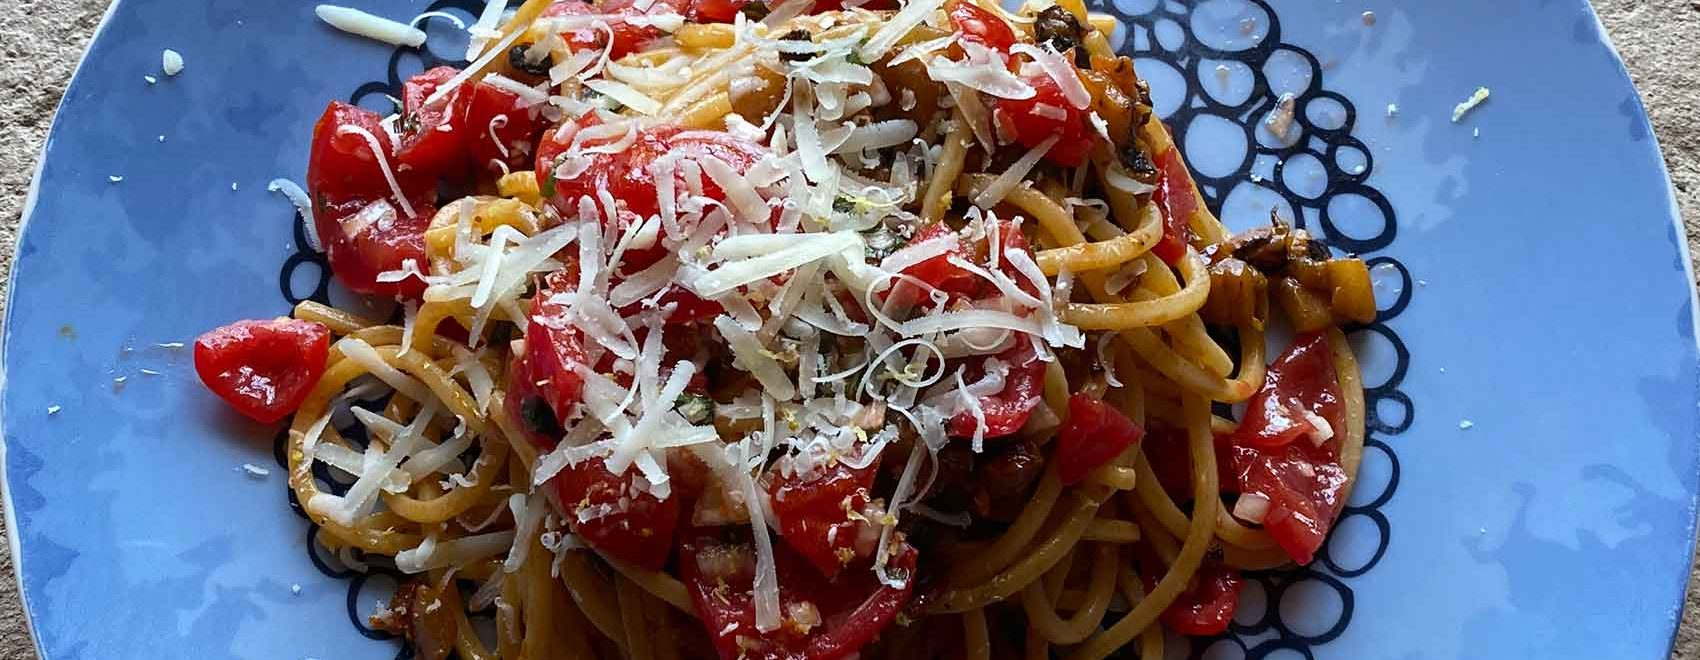 Spaghetti melanzane e pomodorini